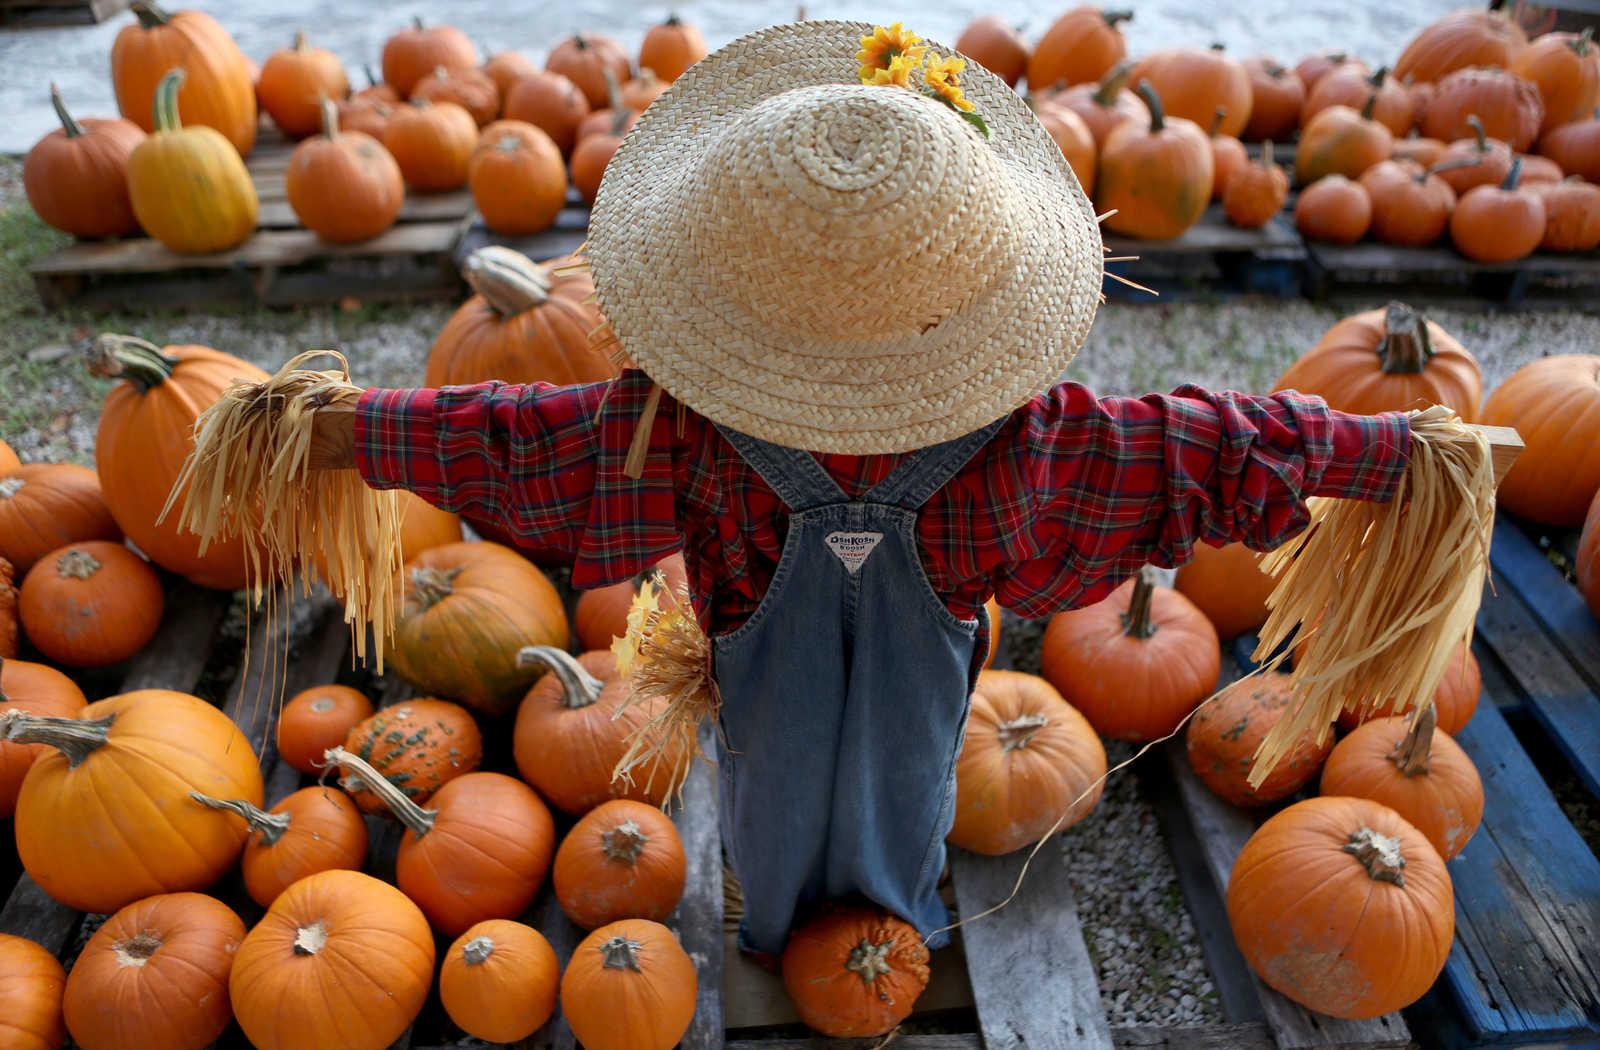 Scarecrow standing over pumpkins